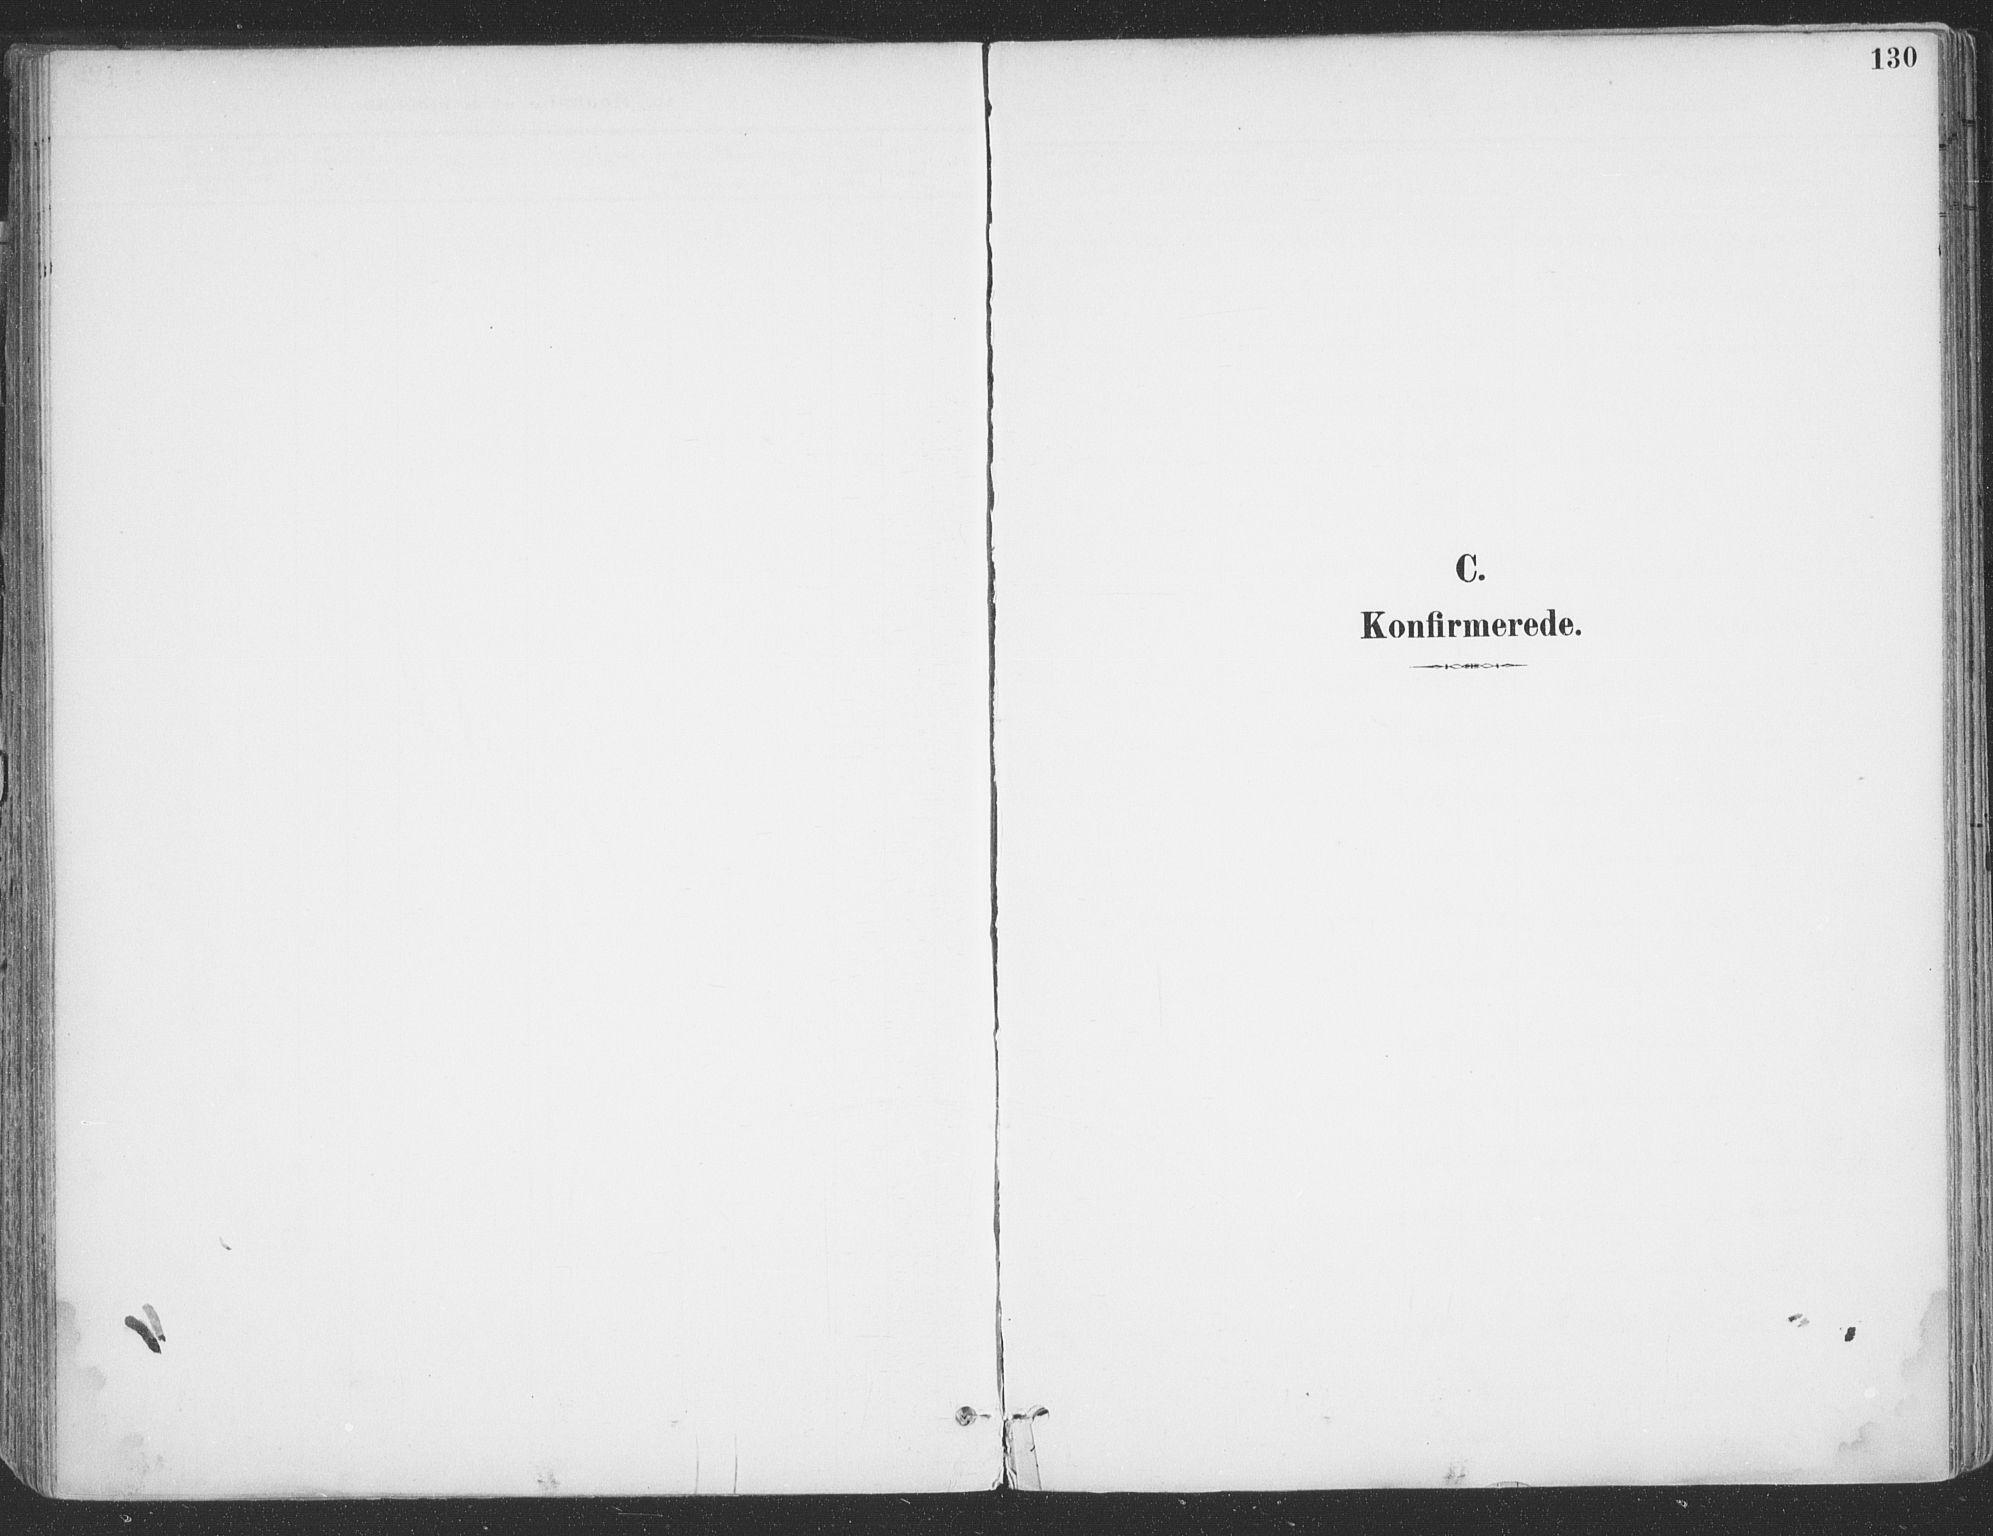 SATØ, Vadsø sokneprestkontor, H/Ha/L0007kirke: Ministerialbok nr. 7, 1896-1916, s. 130